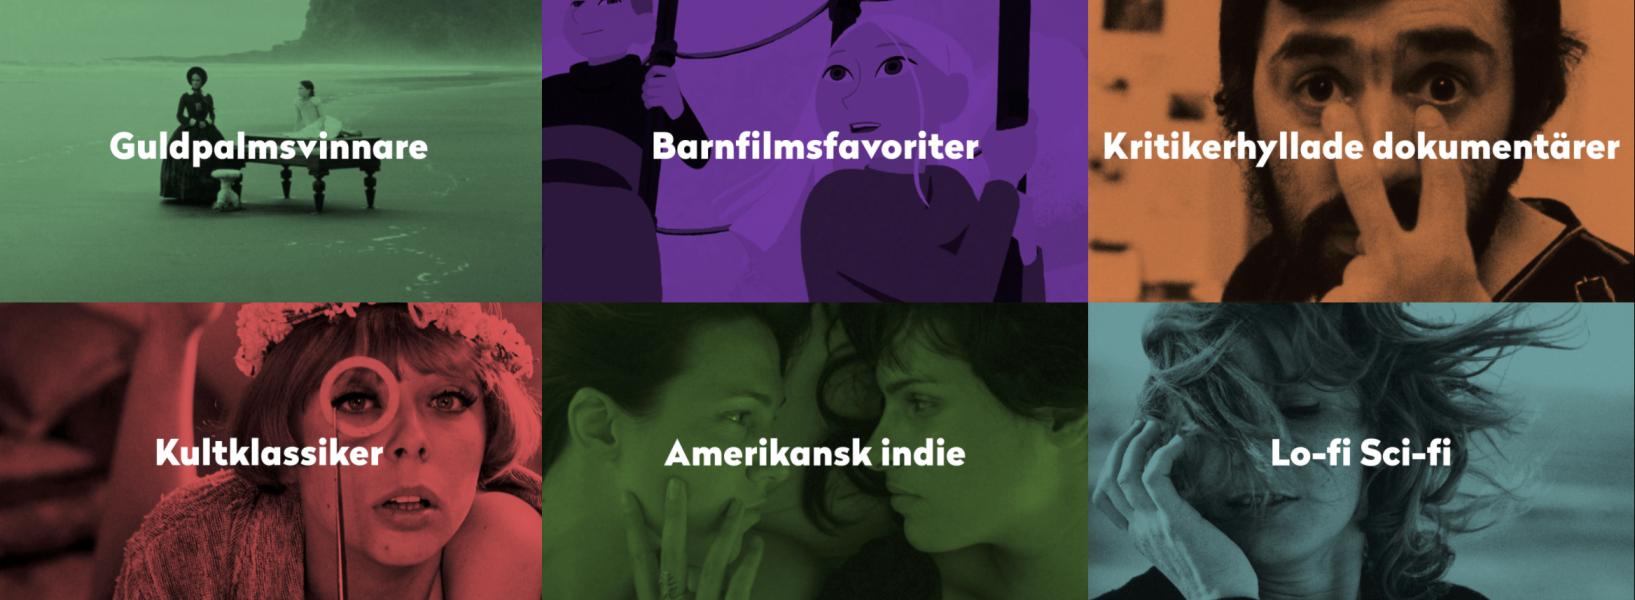 Göteborgs filmfestivalsströmningstjänst Draken Filmlanserar nya bioaktuella filmer och skänker hälften av prenumerationsintäkterna till kvalitetsfilmbiografer.